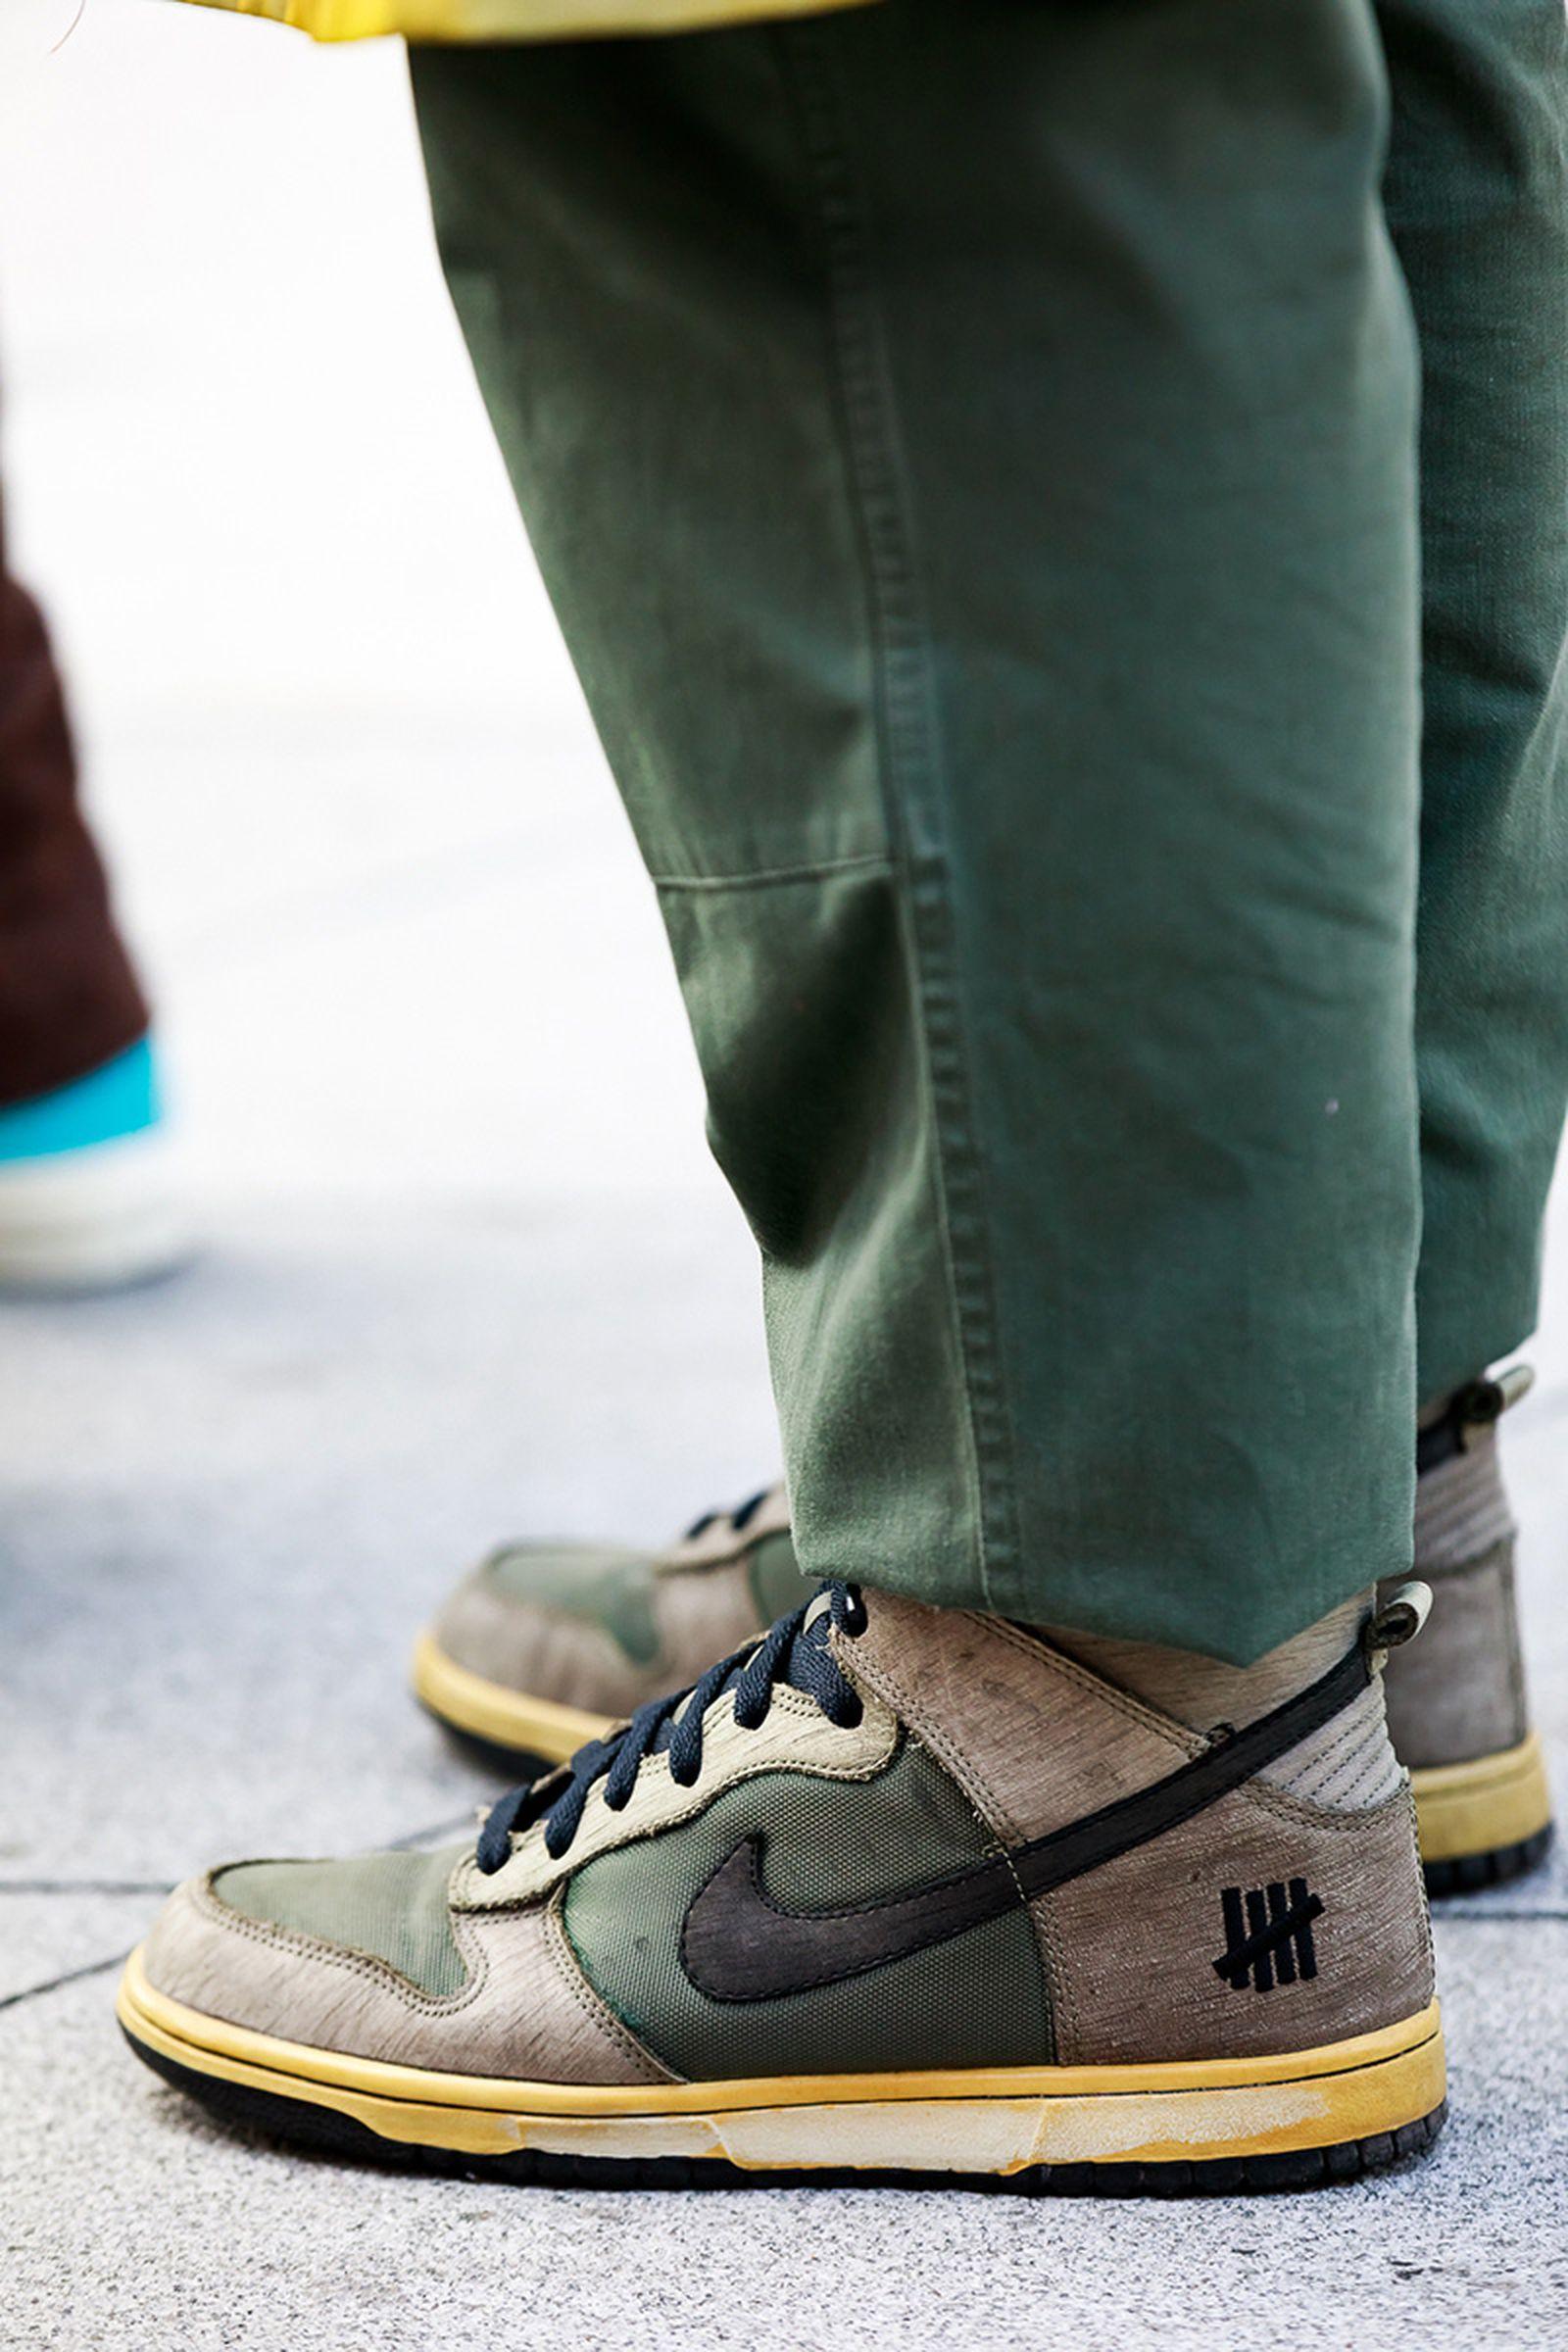 FW19 Seoul StreetStyle Sneakers PaulJeong 11 Sneaker street style seoul fashion week